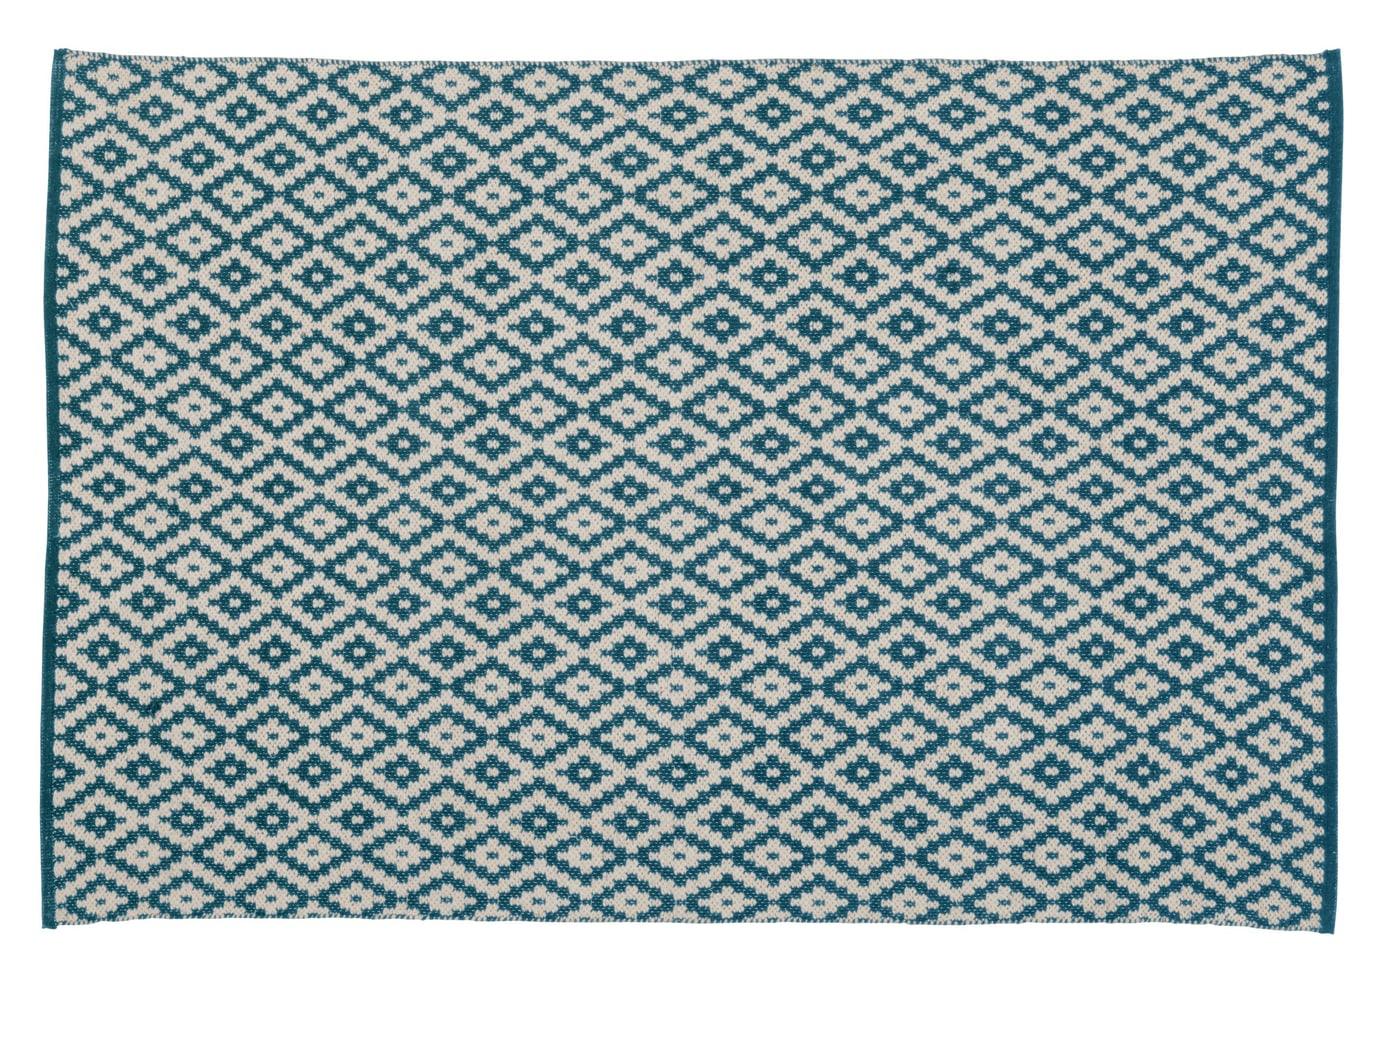 teppich grafisches muster grafisches muster senf designer teppich modern muster grau schwarz. Black Bedroom Furniture Sets. Home Design Ideas